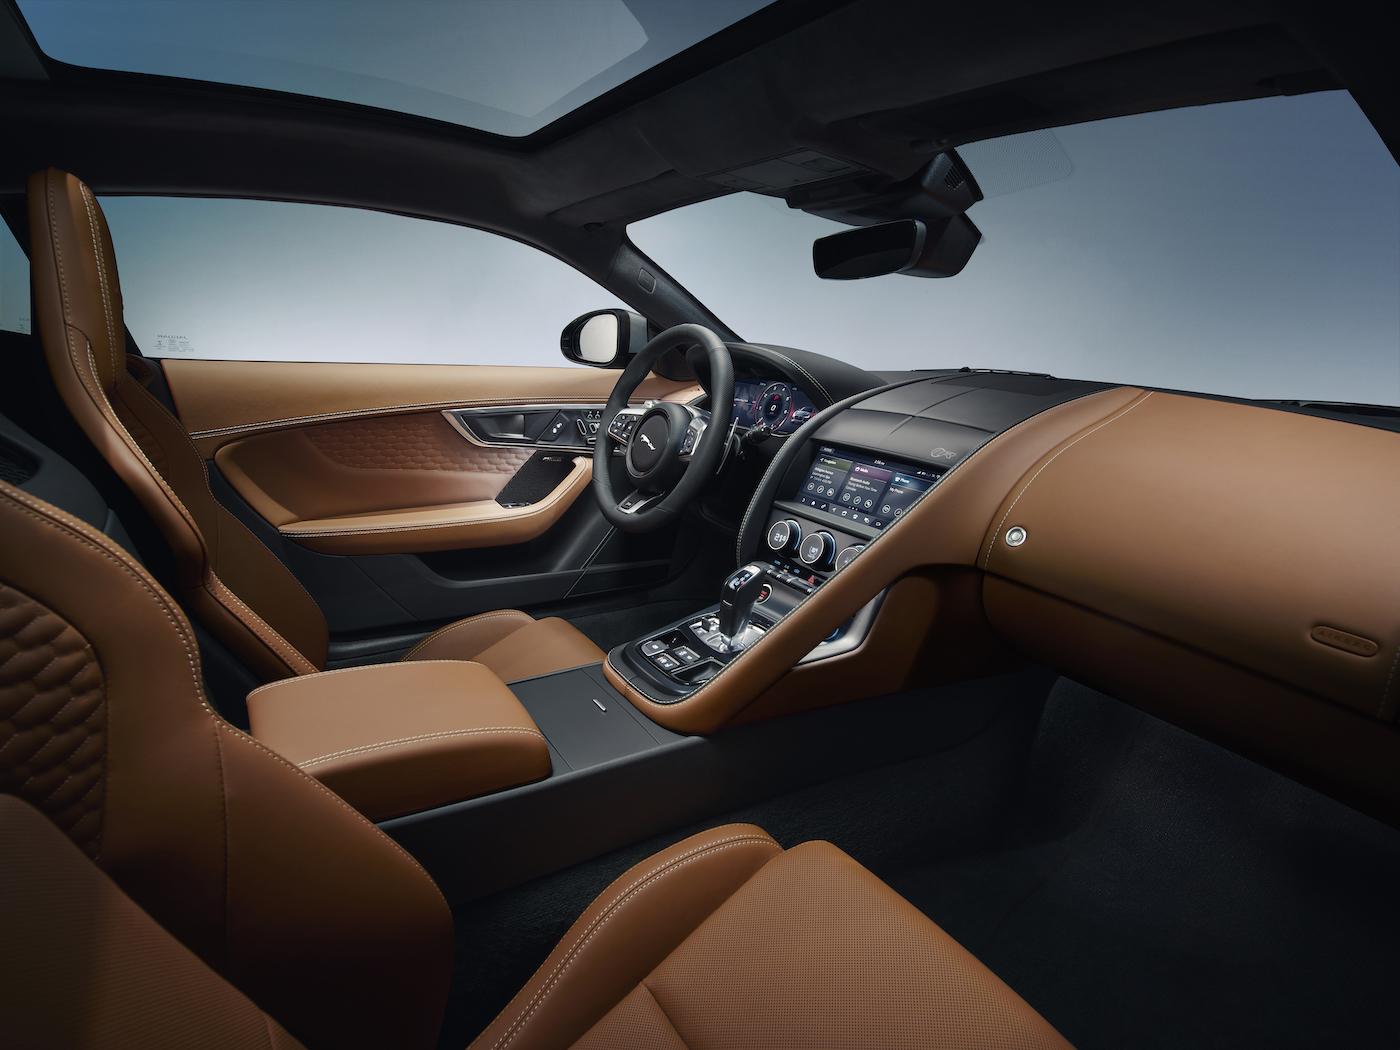 Weltpremiere: Der neue Jaguar F-TYPE wurde in München vorgestellt 5